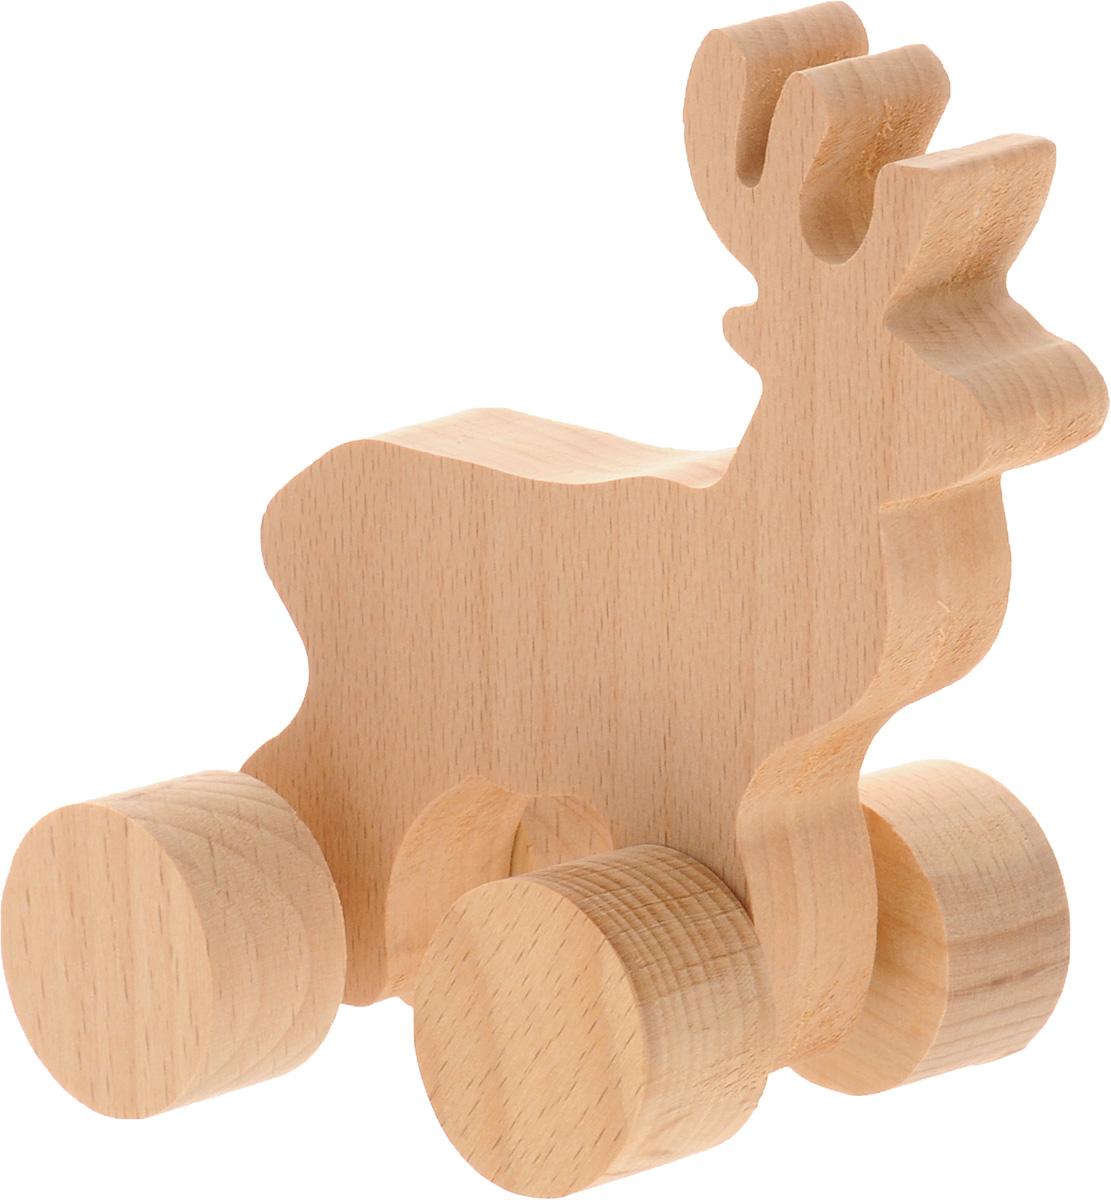 Волшебный городок Игрушка-каталка ОленьКОБДеревянная игрушка-каталка Волшебный городок Олень- без сомнения понравится вашему малышу и станет хорошим подарком для него. . Игрушка выполнена из высококачественного дерева, что абсолютно исключает вероятность травмирования. При игре с каталкой у вашего малыша будут развиваться моторика рук, пространственное мышление, зрительное восприятие и внимание.